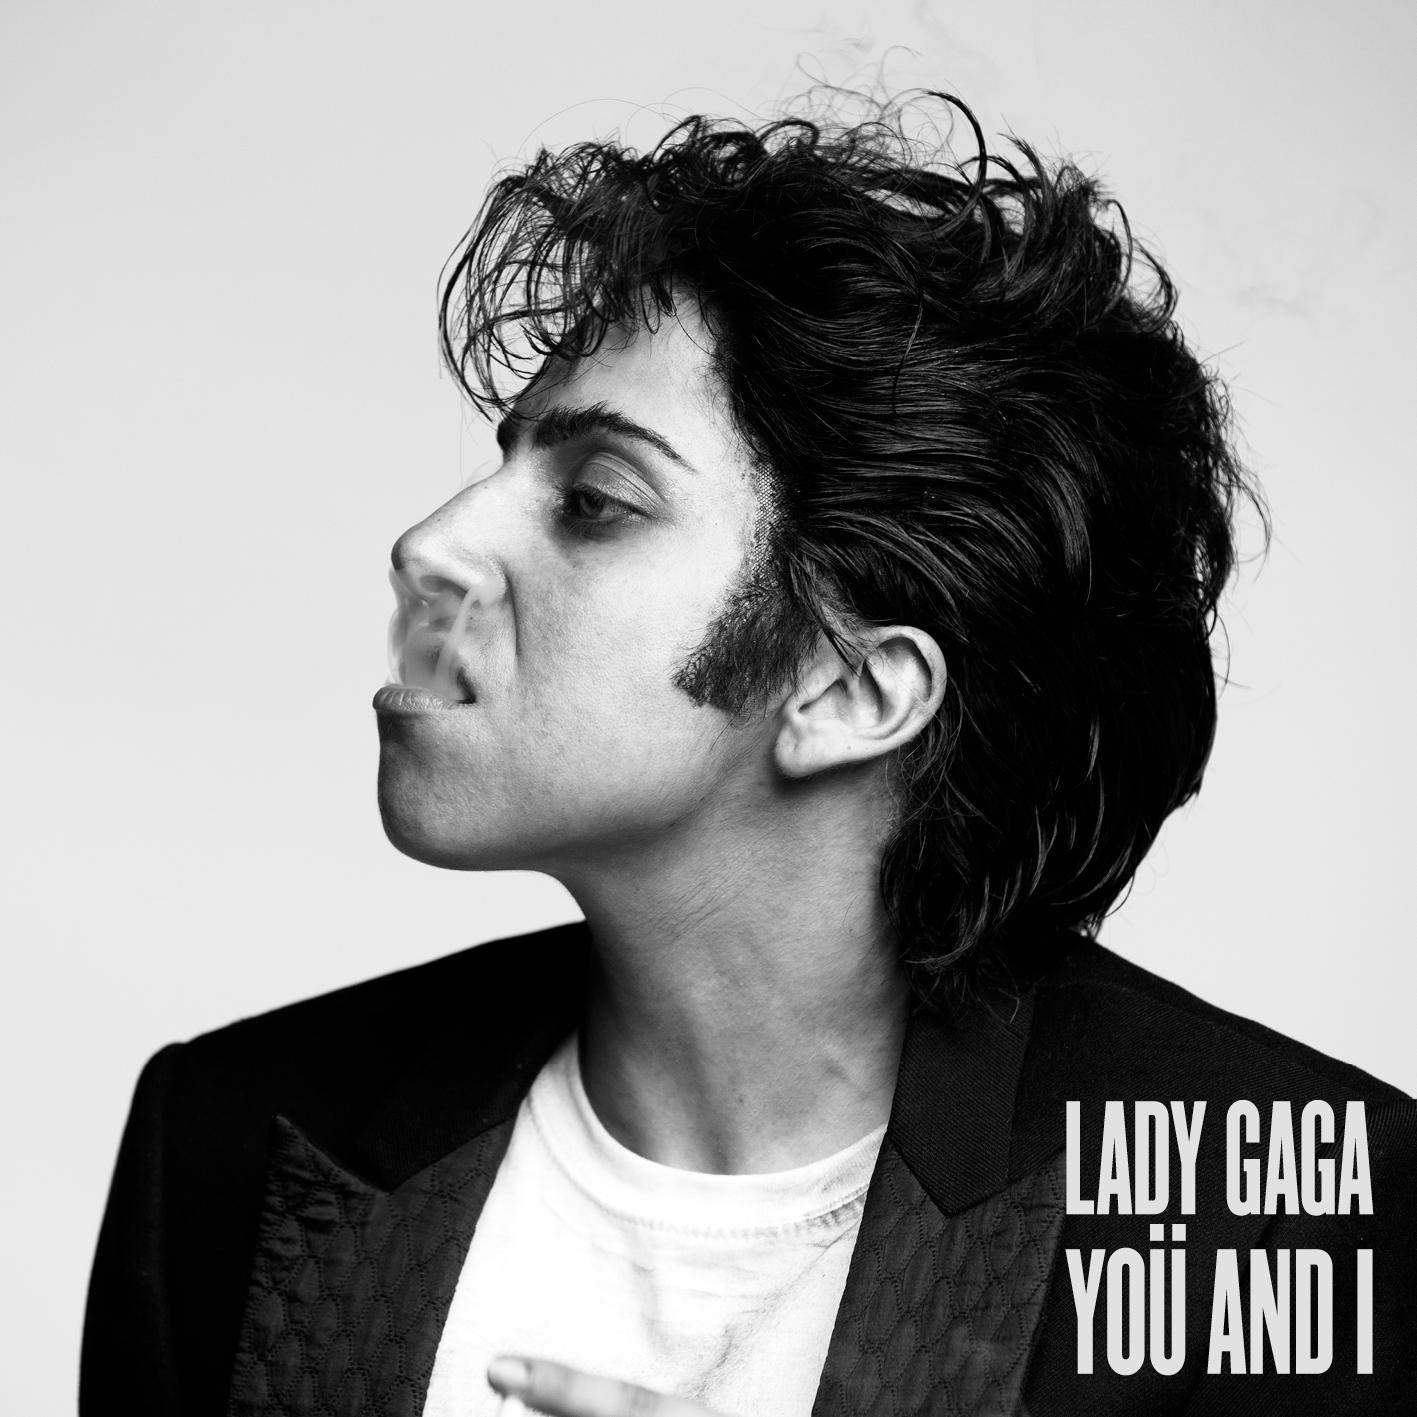 دانلود زیرنویس فارسی فیلم Lady Gaga: Yoü and I